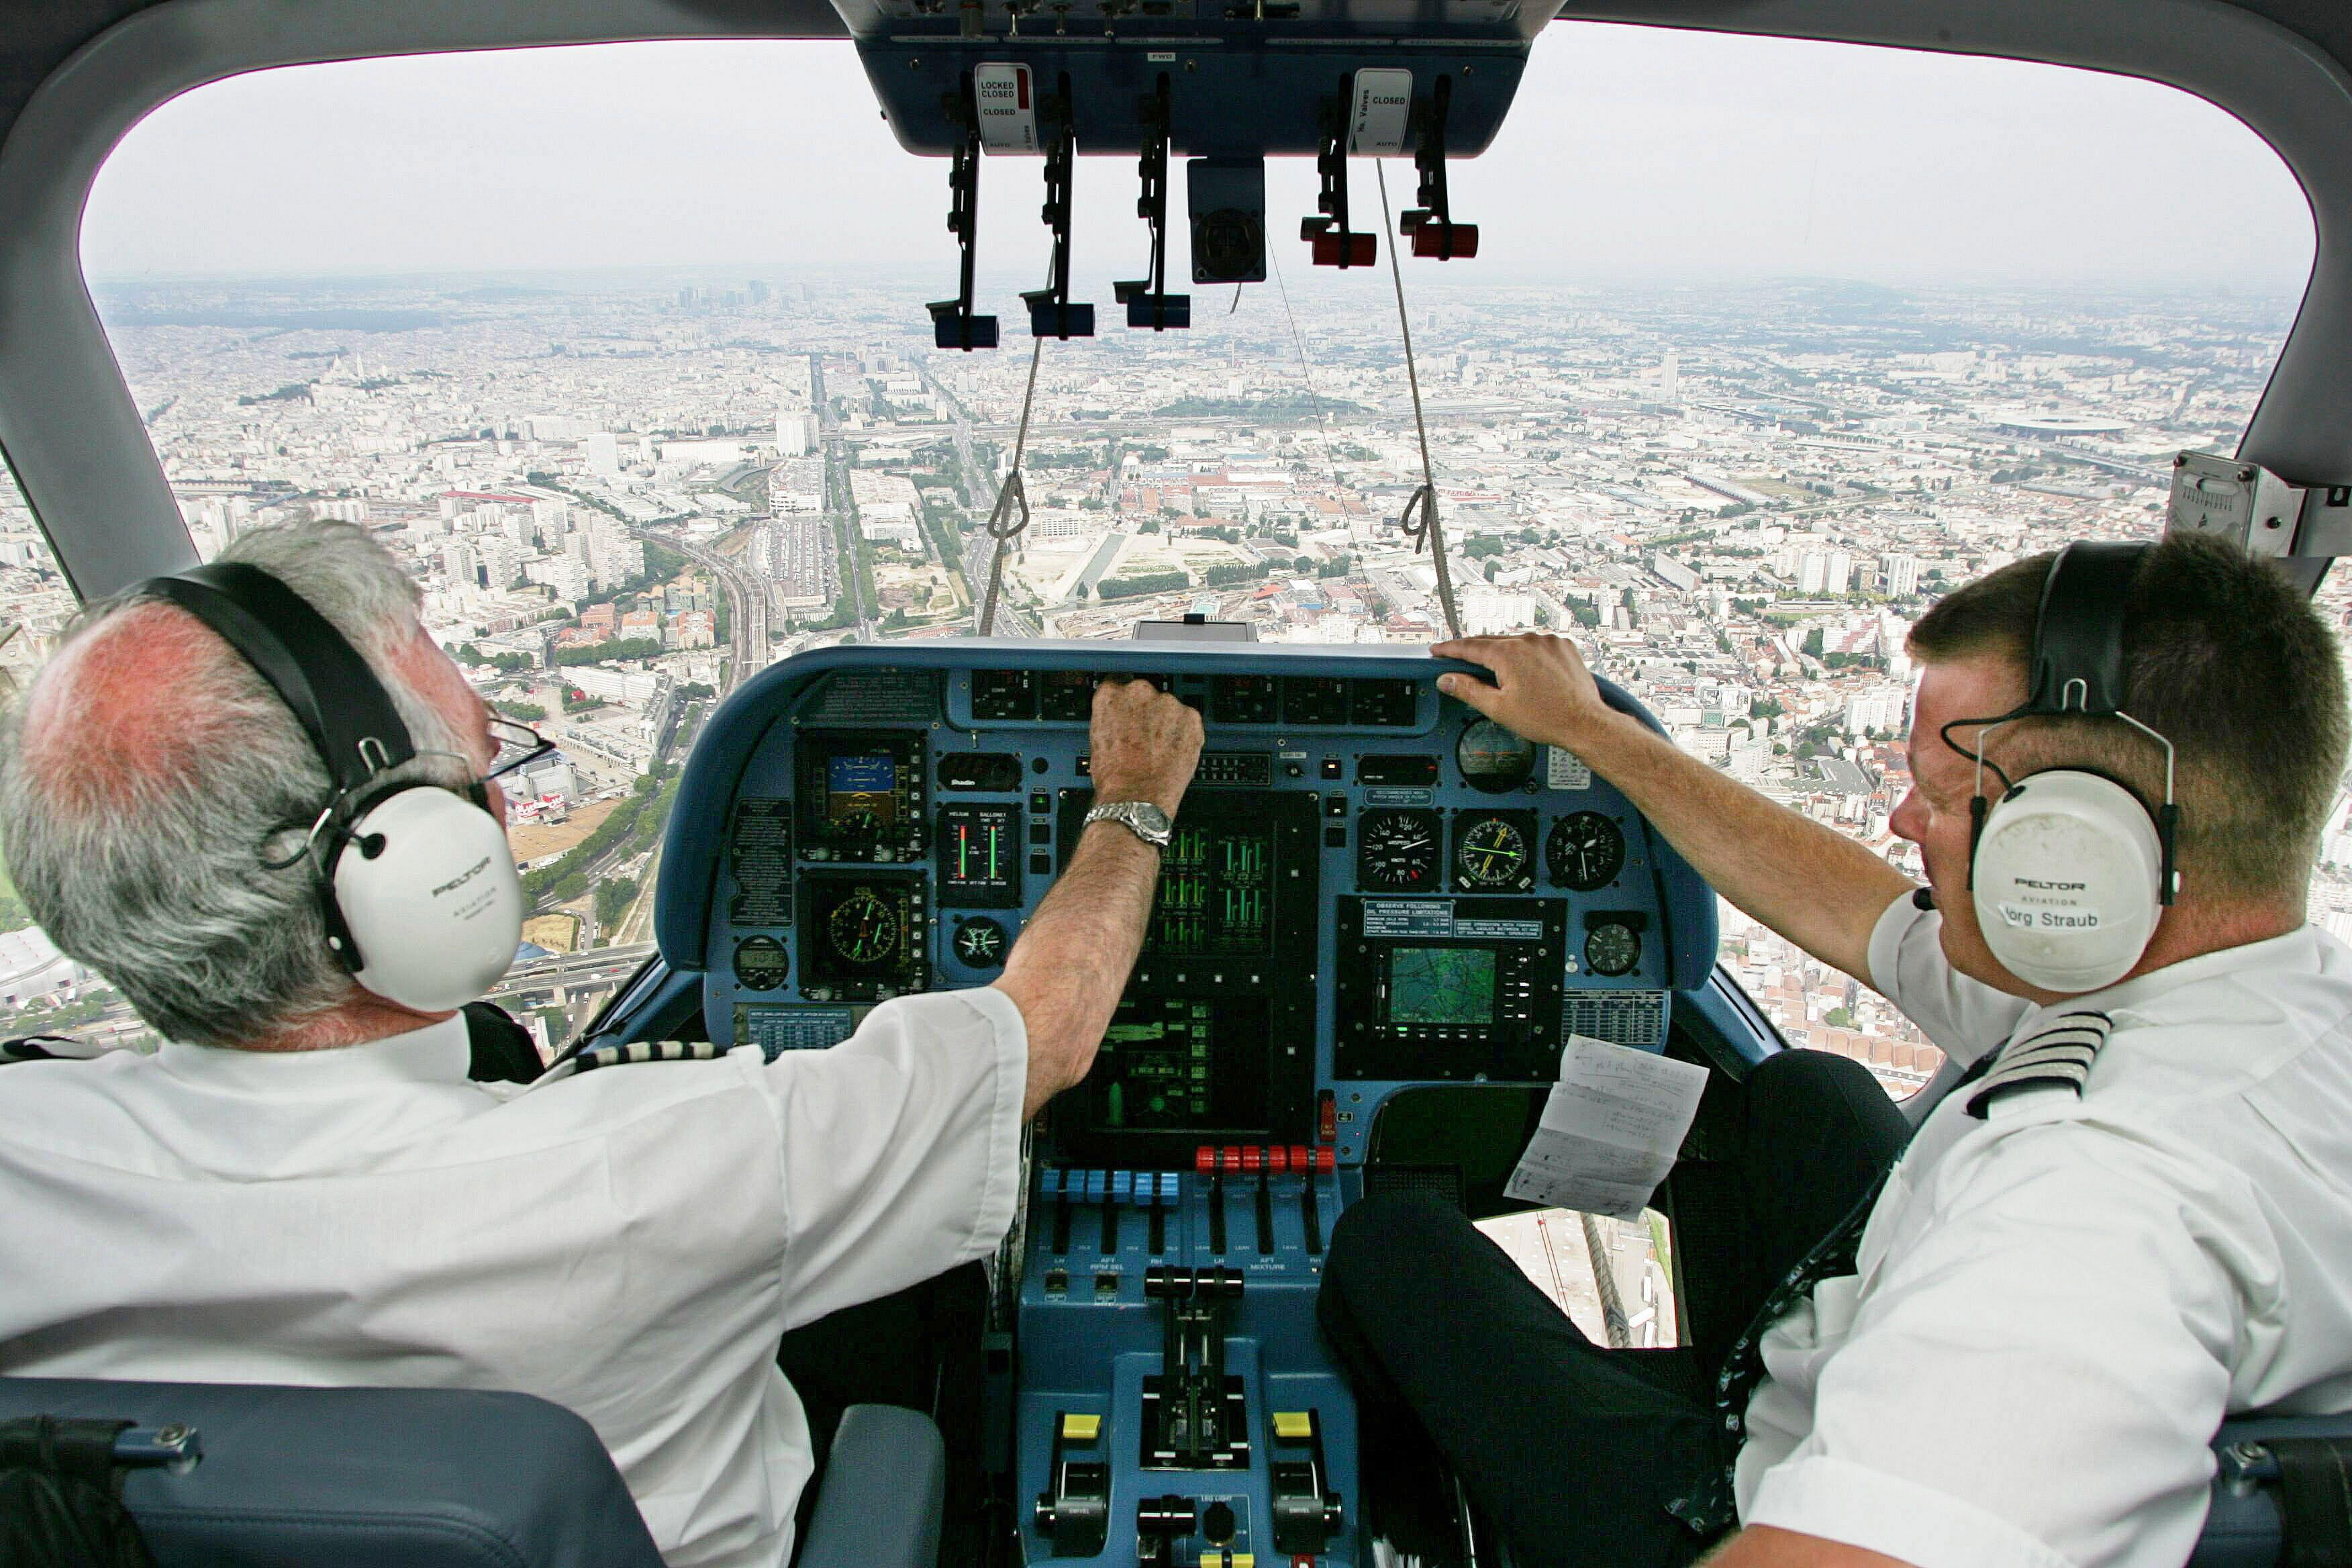 Y-a-t-il une idée pilote dans l'avion de l'opposition à Emmanuel Macron ?